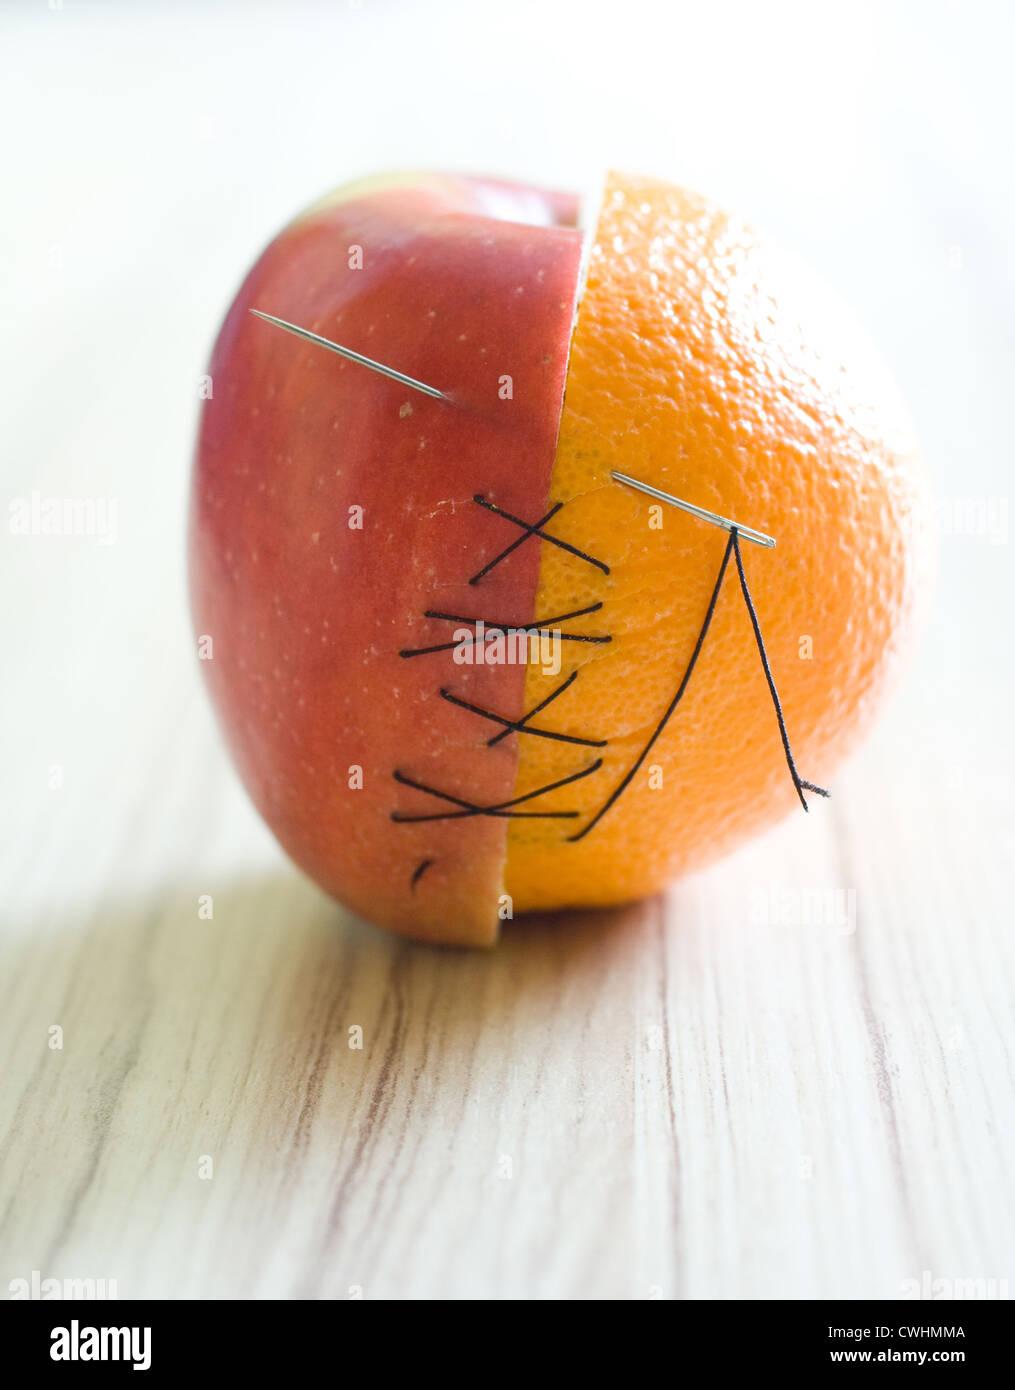 Apple metà,arancio metà Immagini Stock